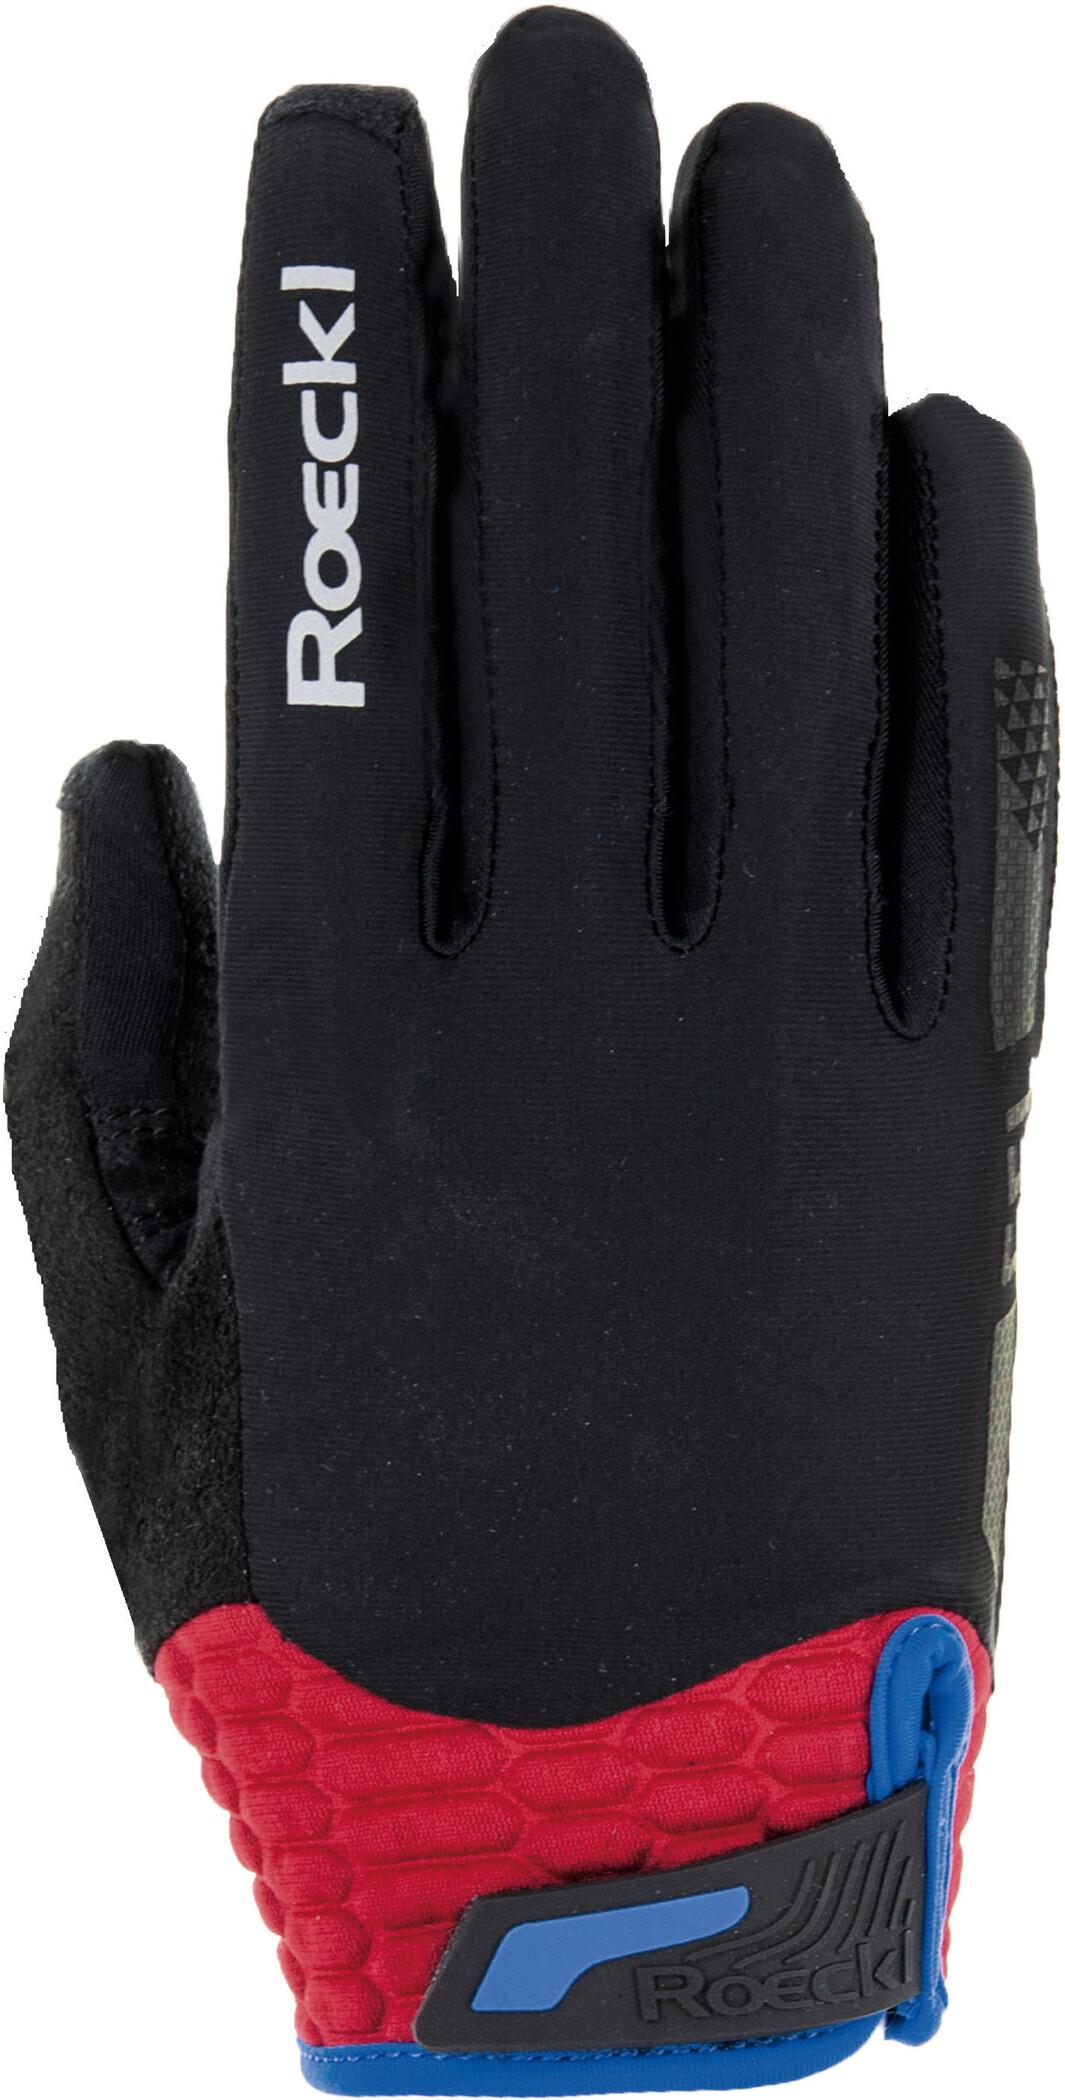 Roeckl Markham Cykelhandsker, black/red (2019) | Gloves